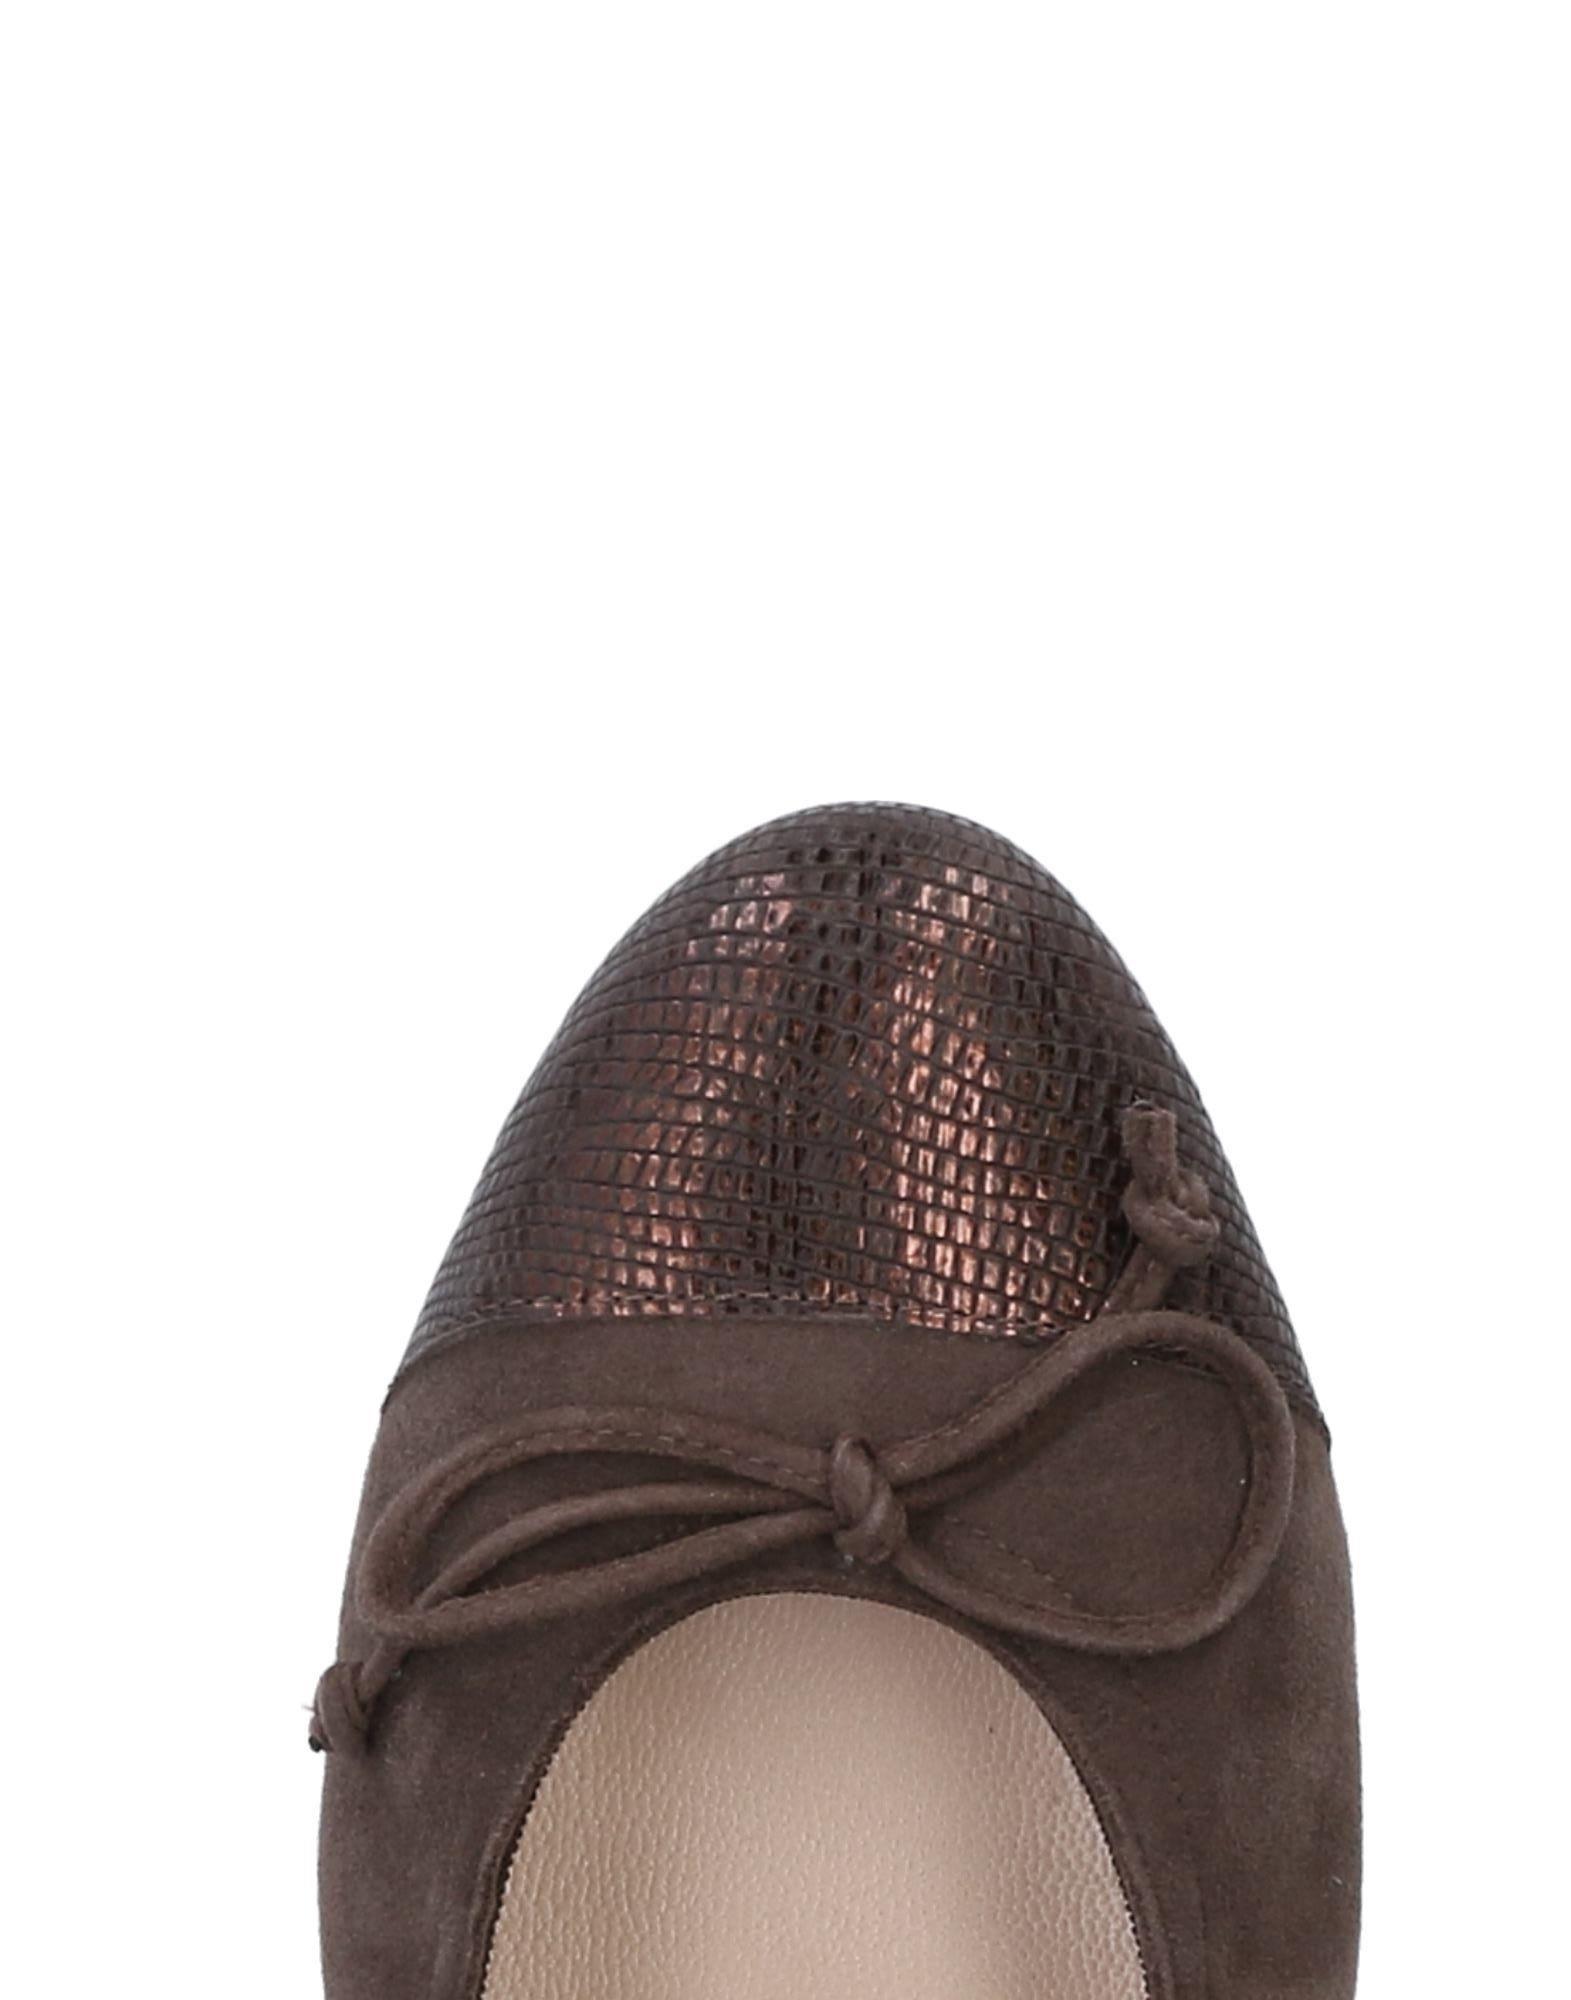 Cristina Millotti Pumps Pumps Millotti Damen  11457912IE Gute Qualität beliebte Schuhe 8fe95d